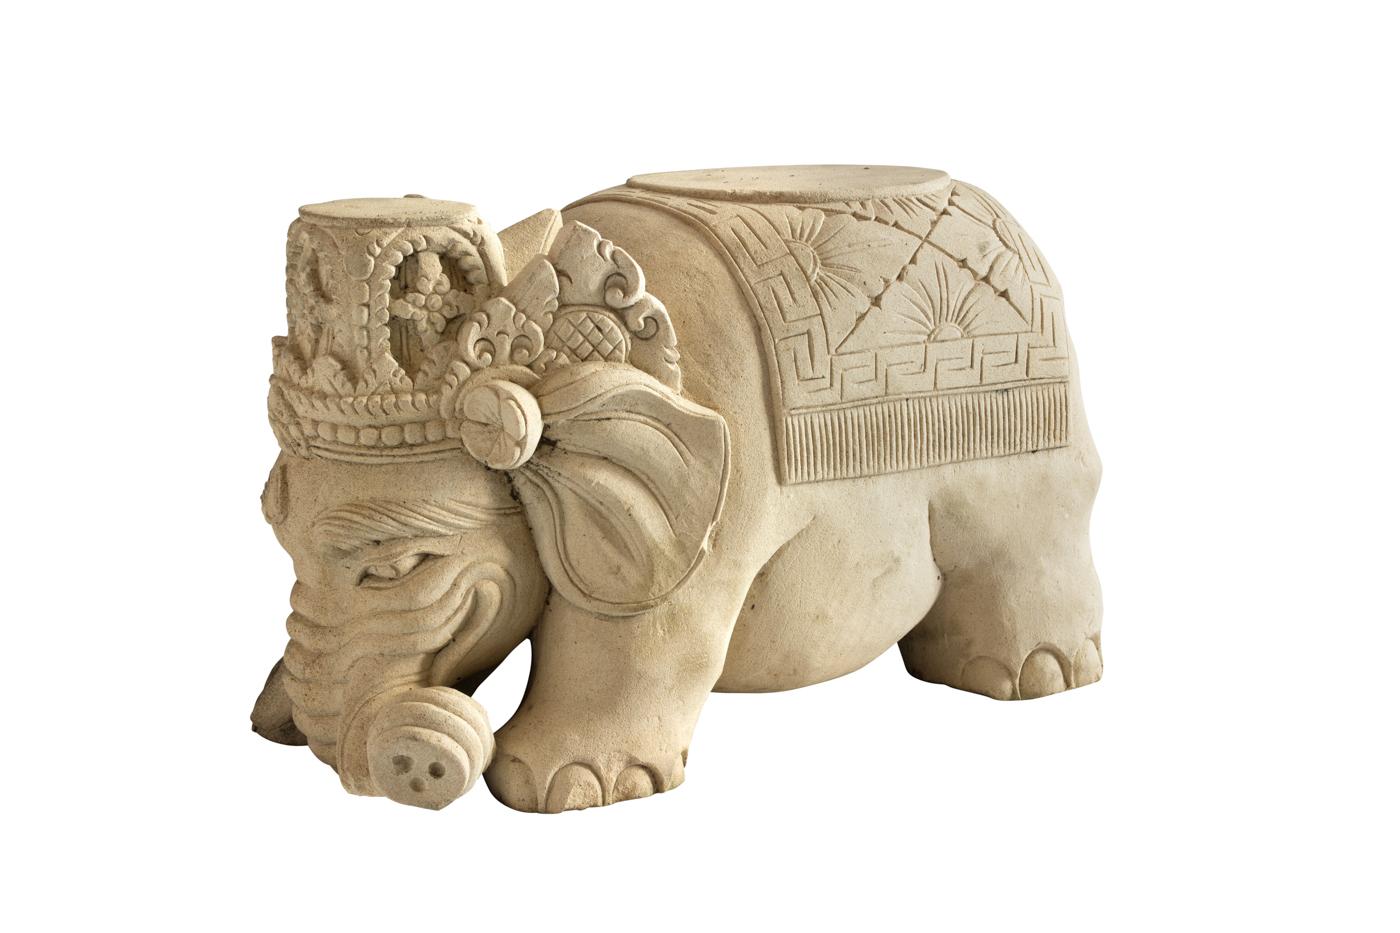 Elefante tallado en piedra caliza color blanco